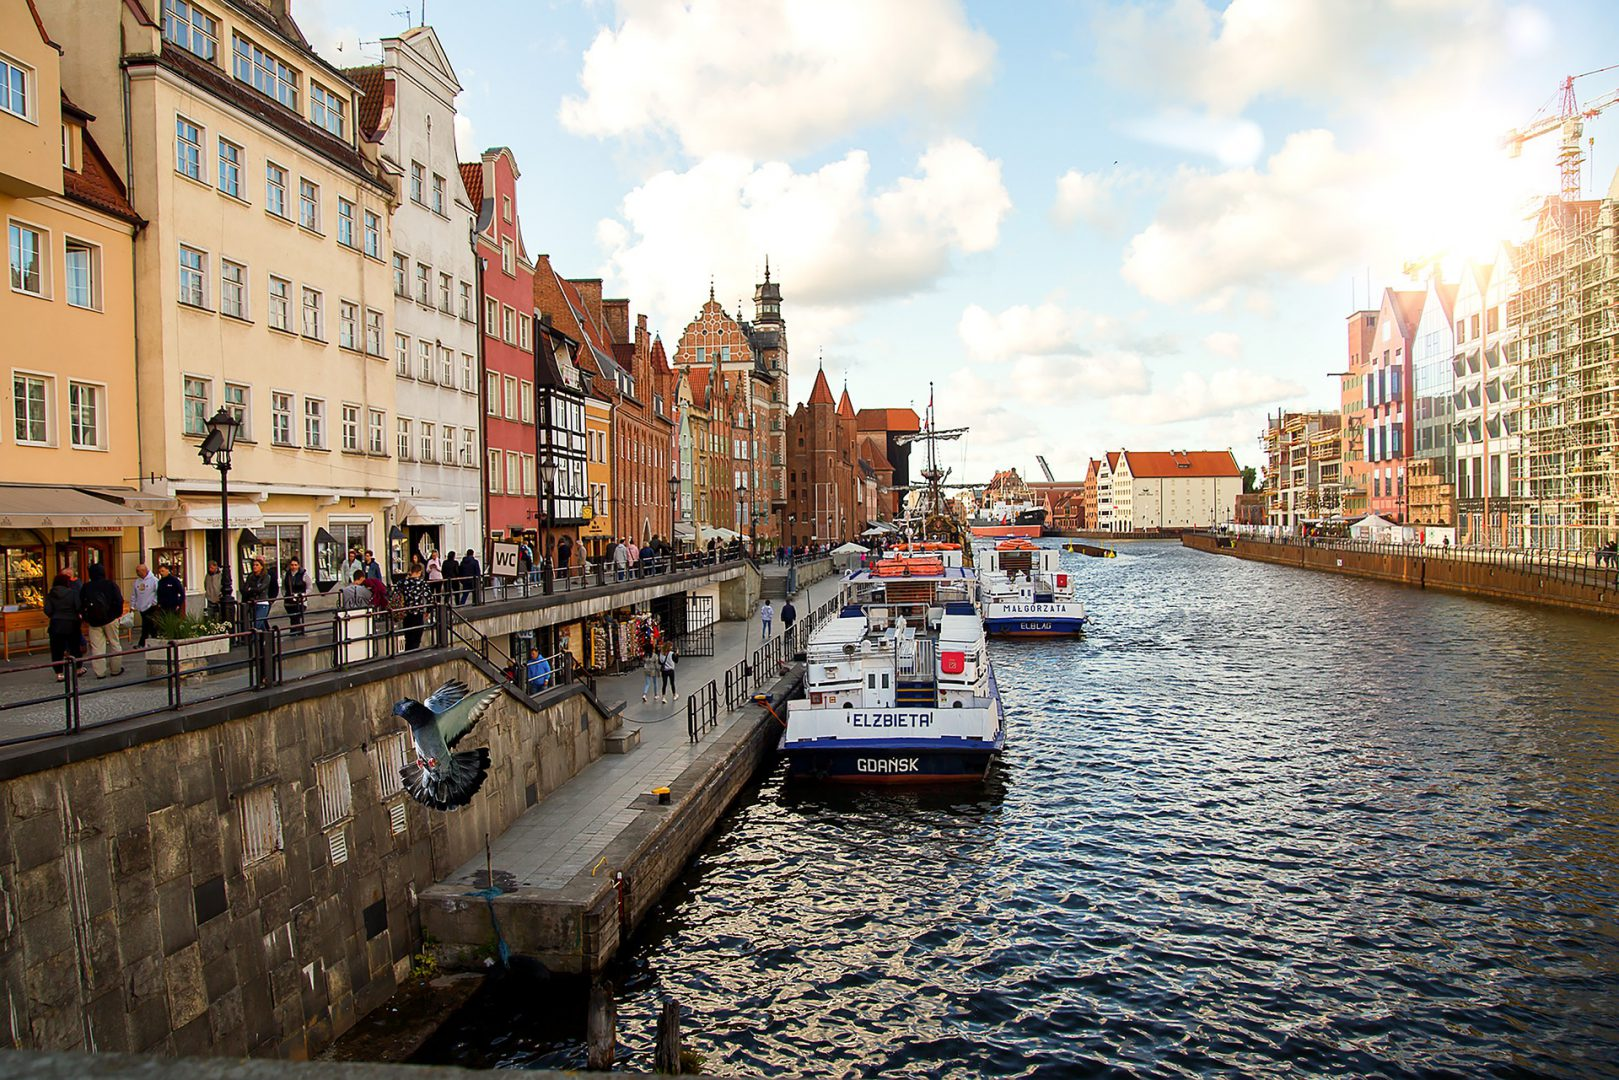 Obraz przedstawia Gdynię